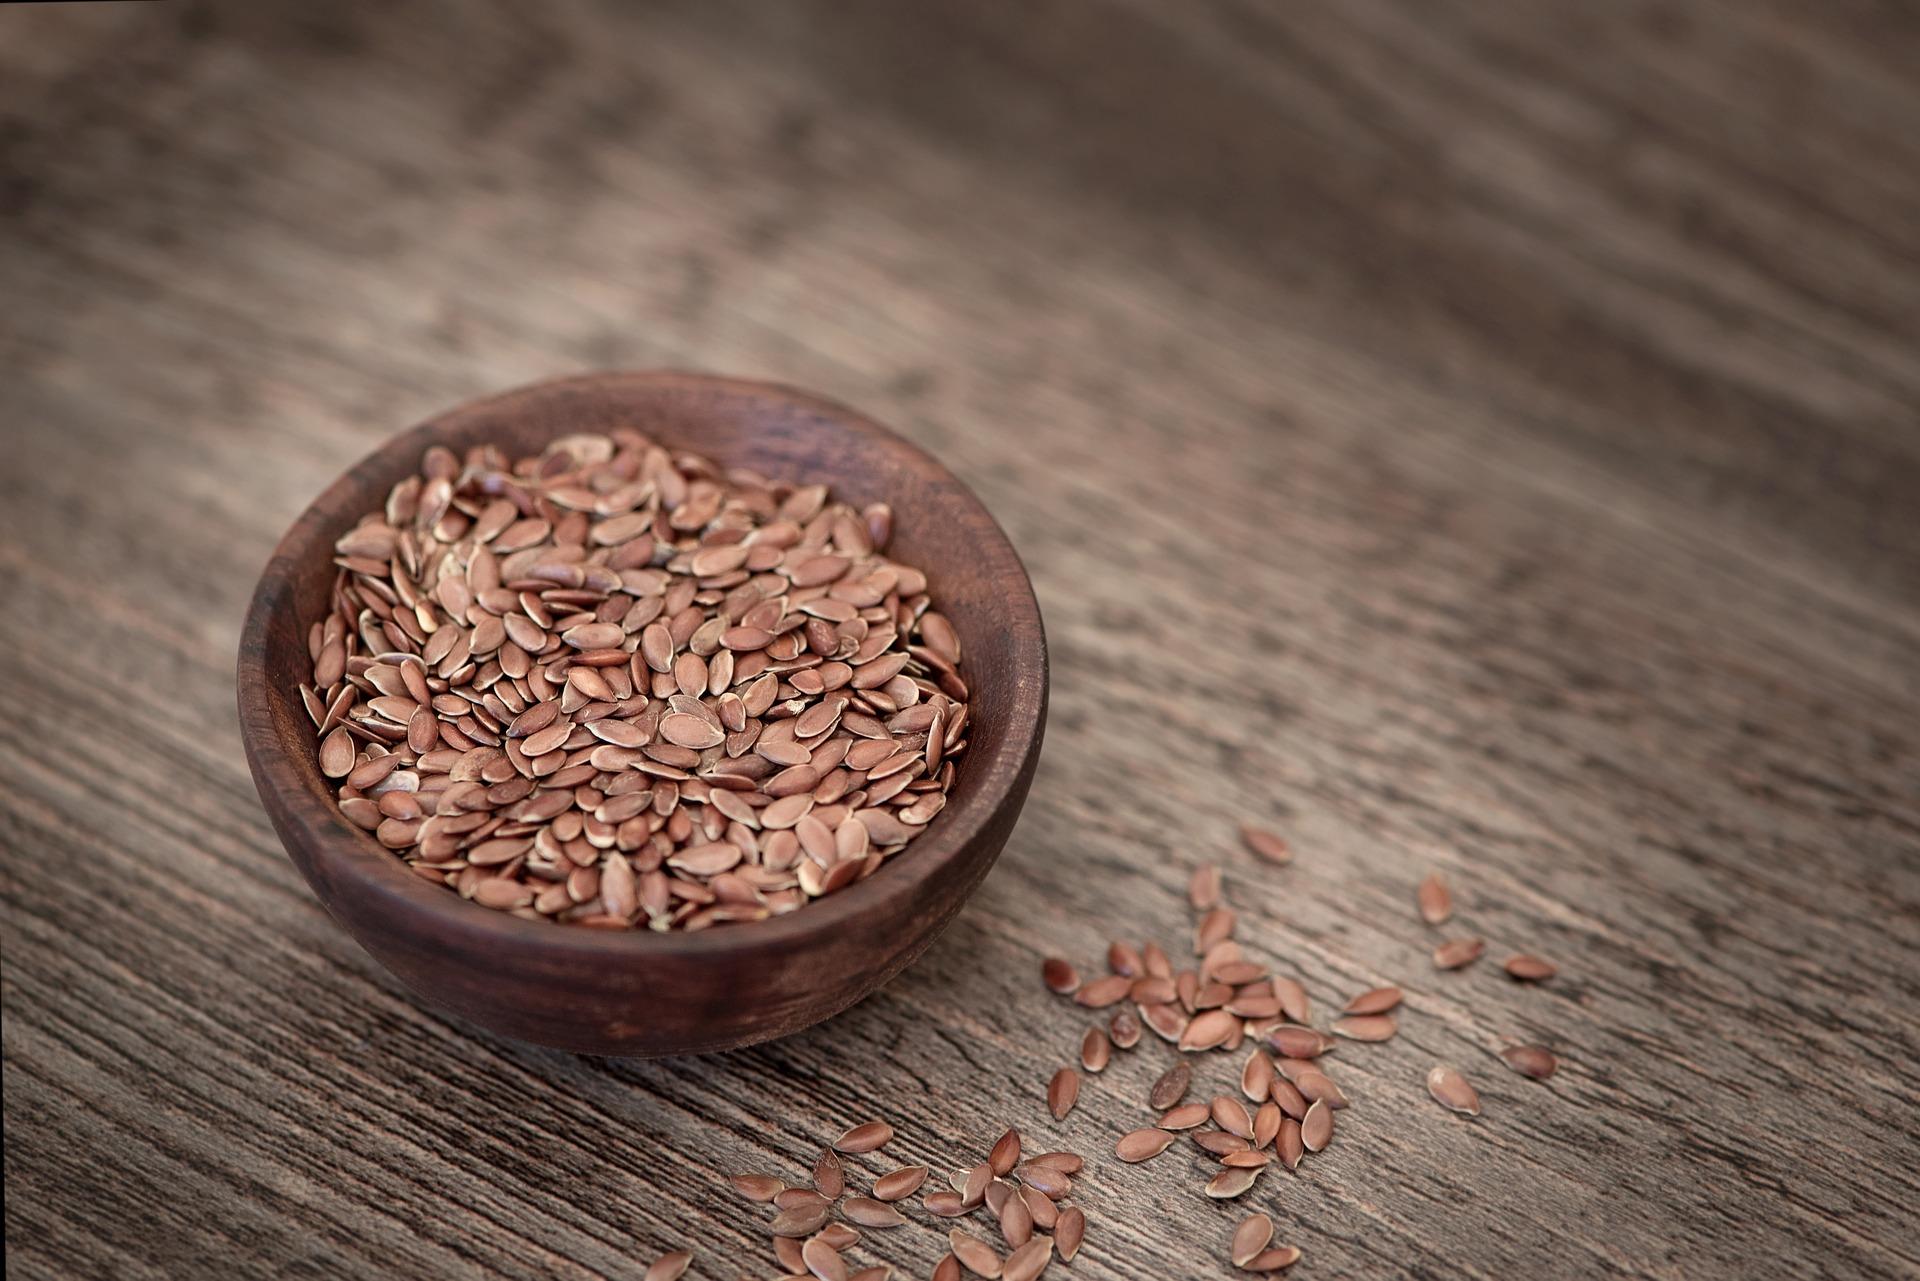 flax-seed-1274944_1920.jpg